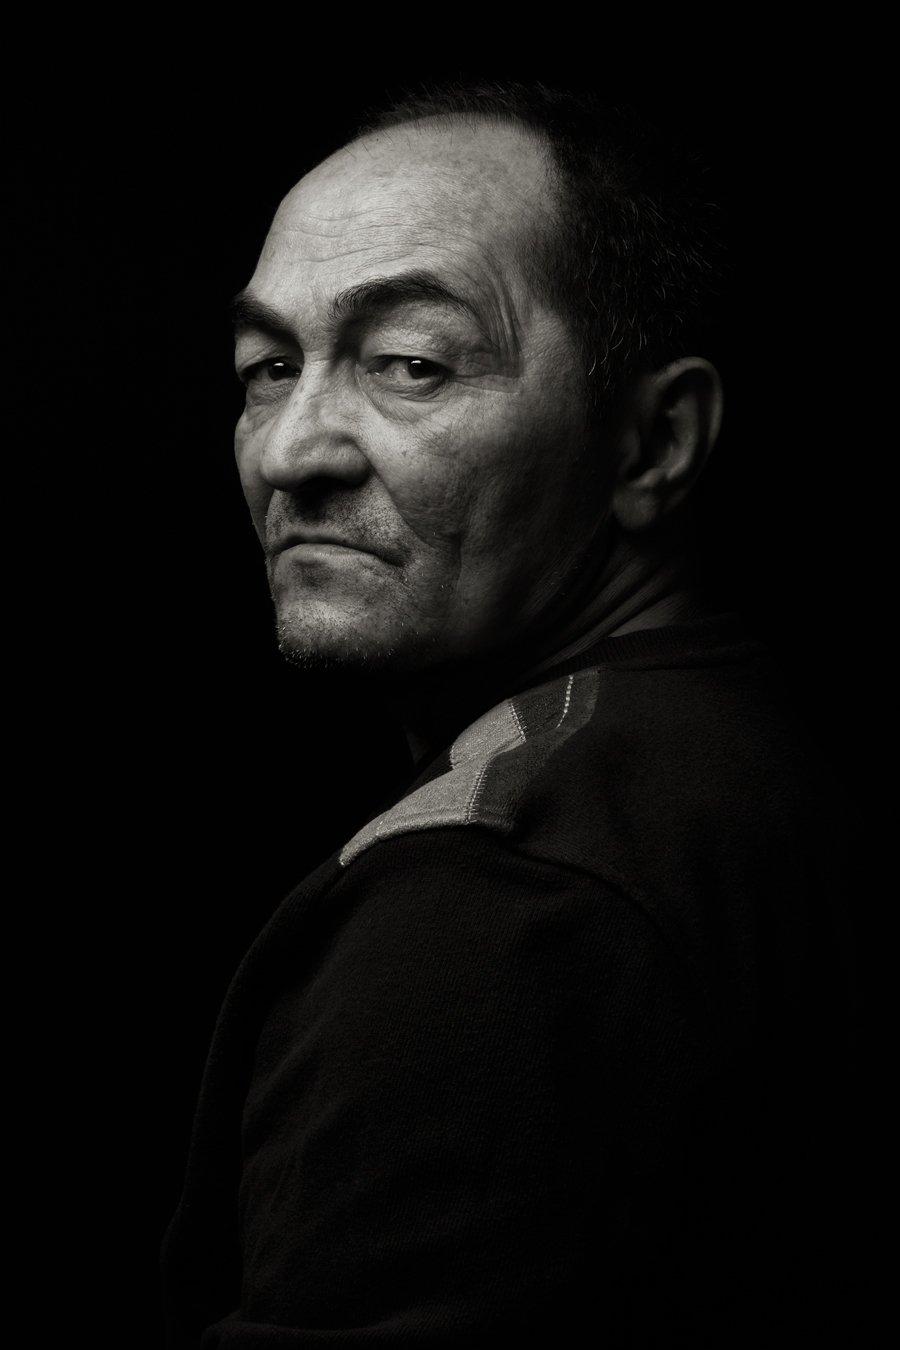 портрет, черно белое, мужчина, black is shadow, Руслан Рахматов